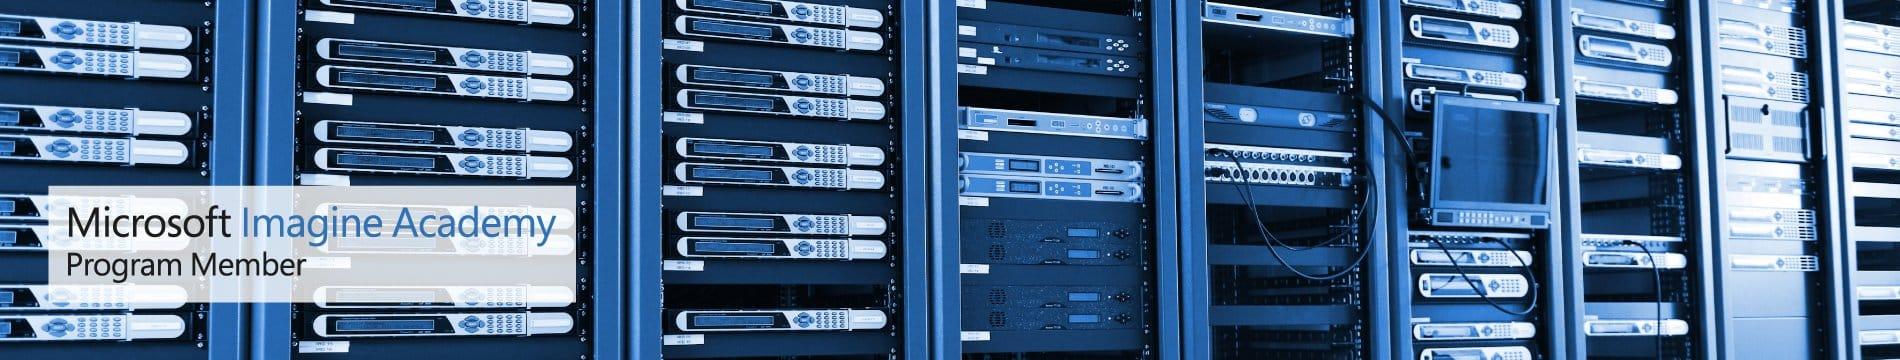 Corsi Microsoft, Corsi MCSA, Corsi MCSE, Corsi MCSD, Corsi MTA, Certificazioni Microsoft